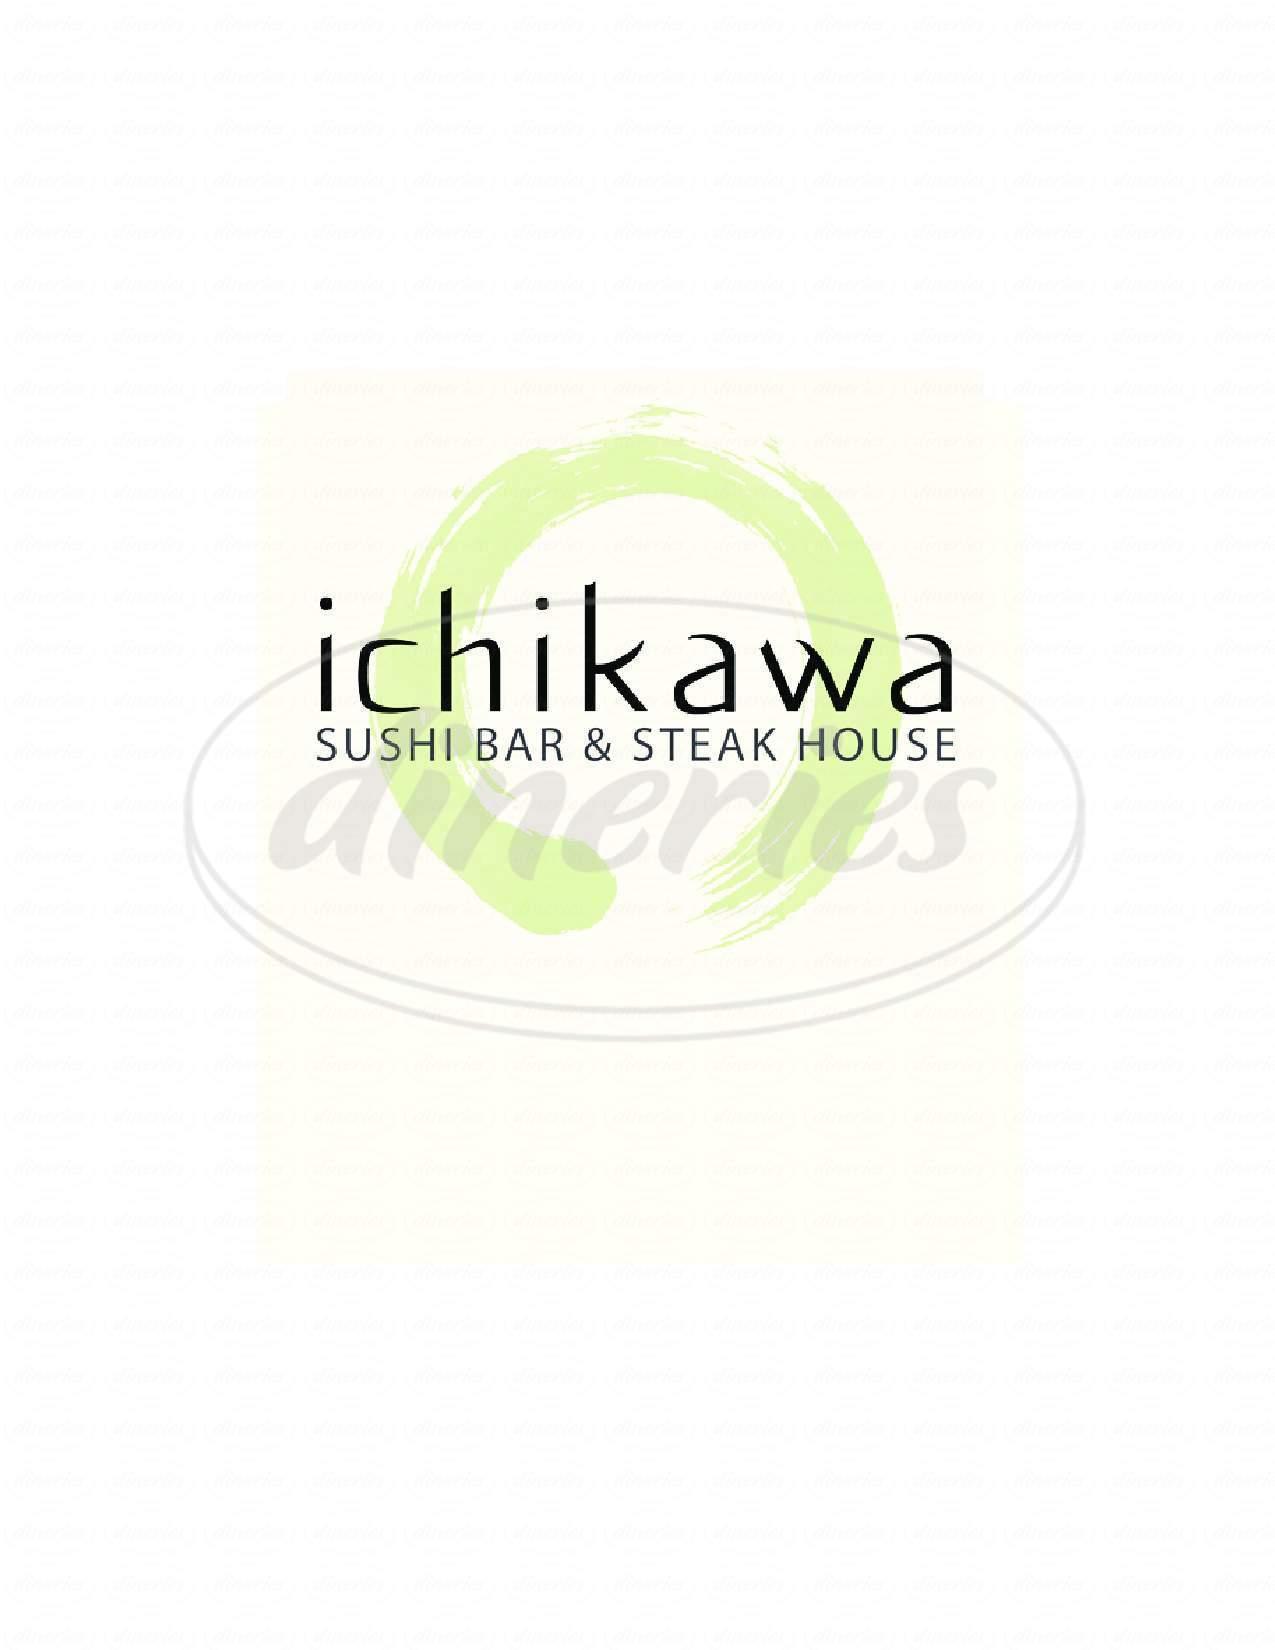 menu for Ichikawa Japanese Cuisine